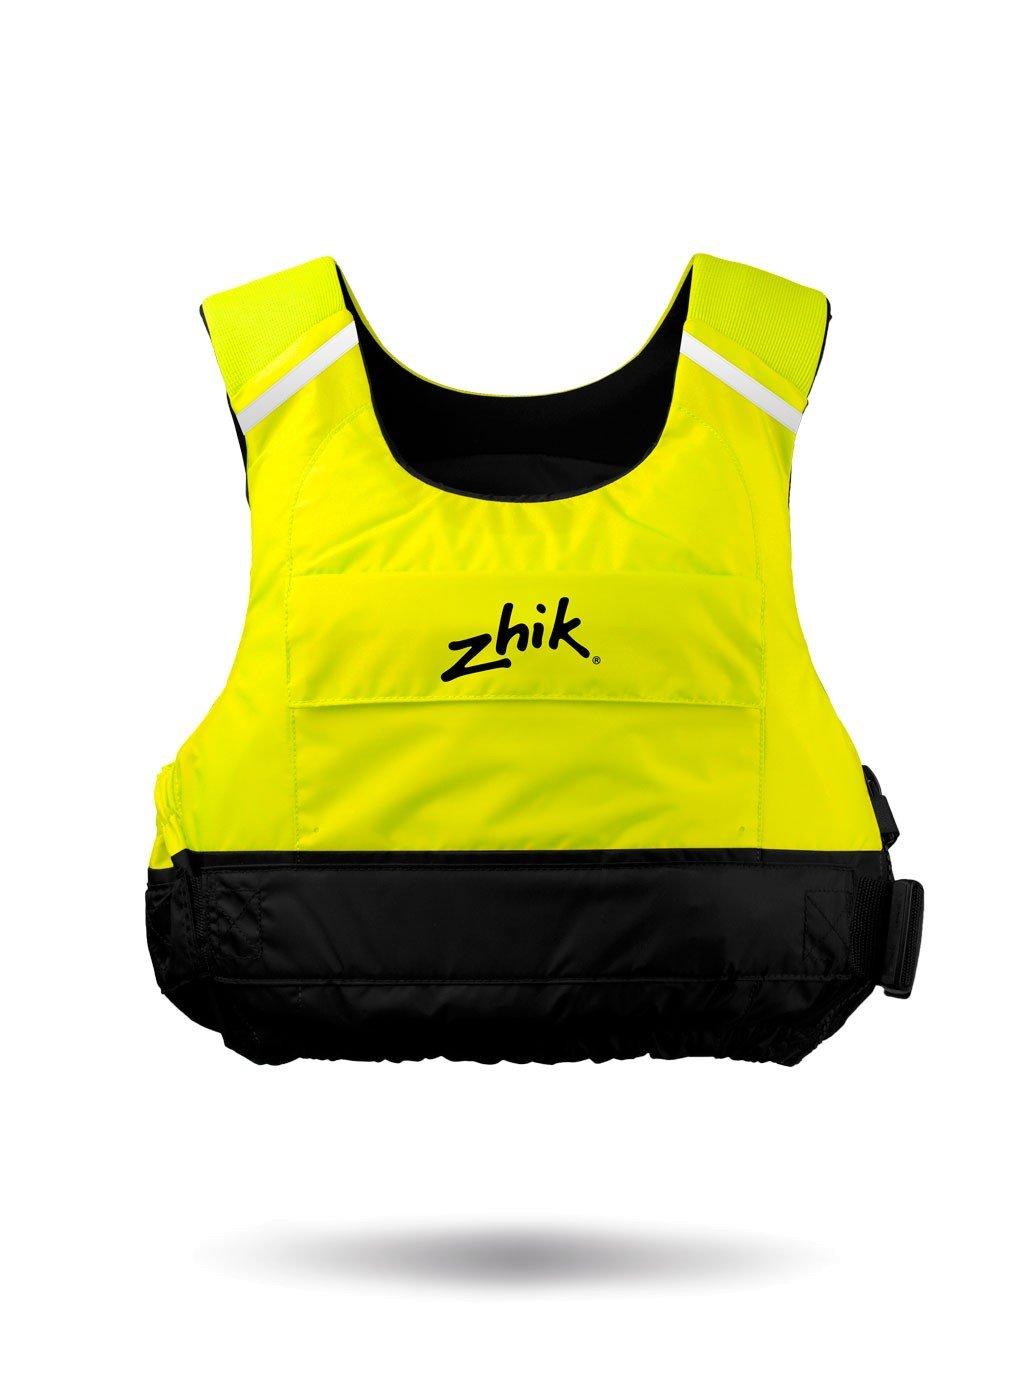 zhik pfd – Regattaschwimmweste neon gelb Größen Größe L günstig kaufen